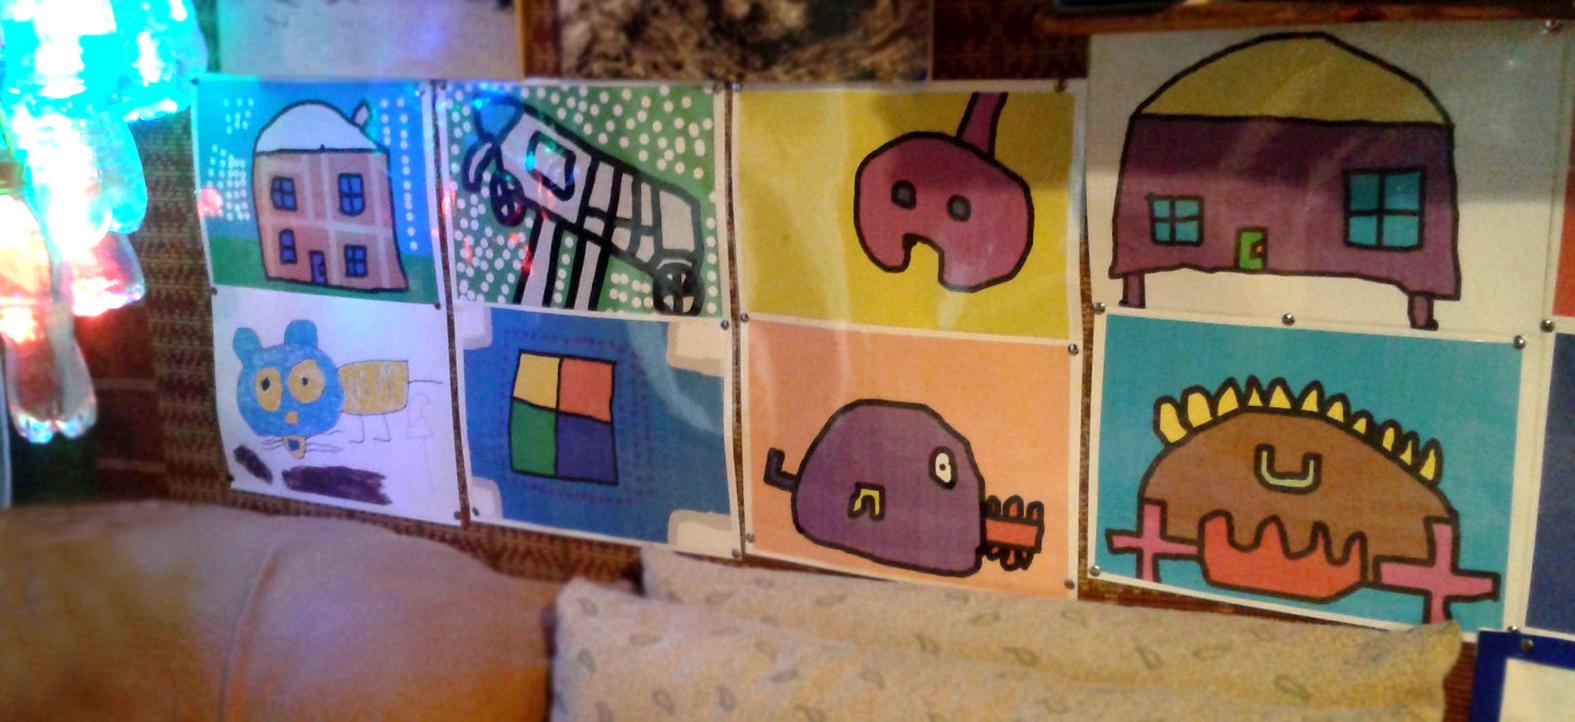 Ilustracje dla dzieci niedowidzących i słabowidzących FolkSmolk, mamotatopokazmipl